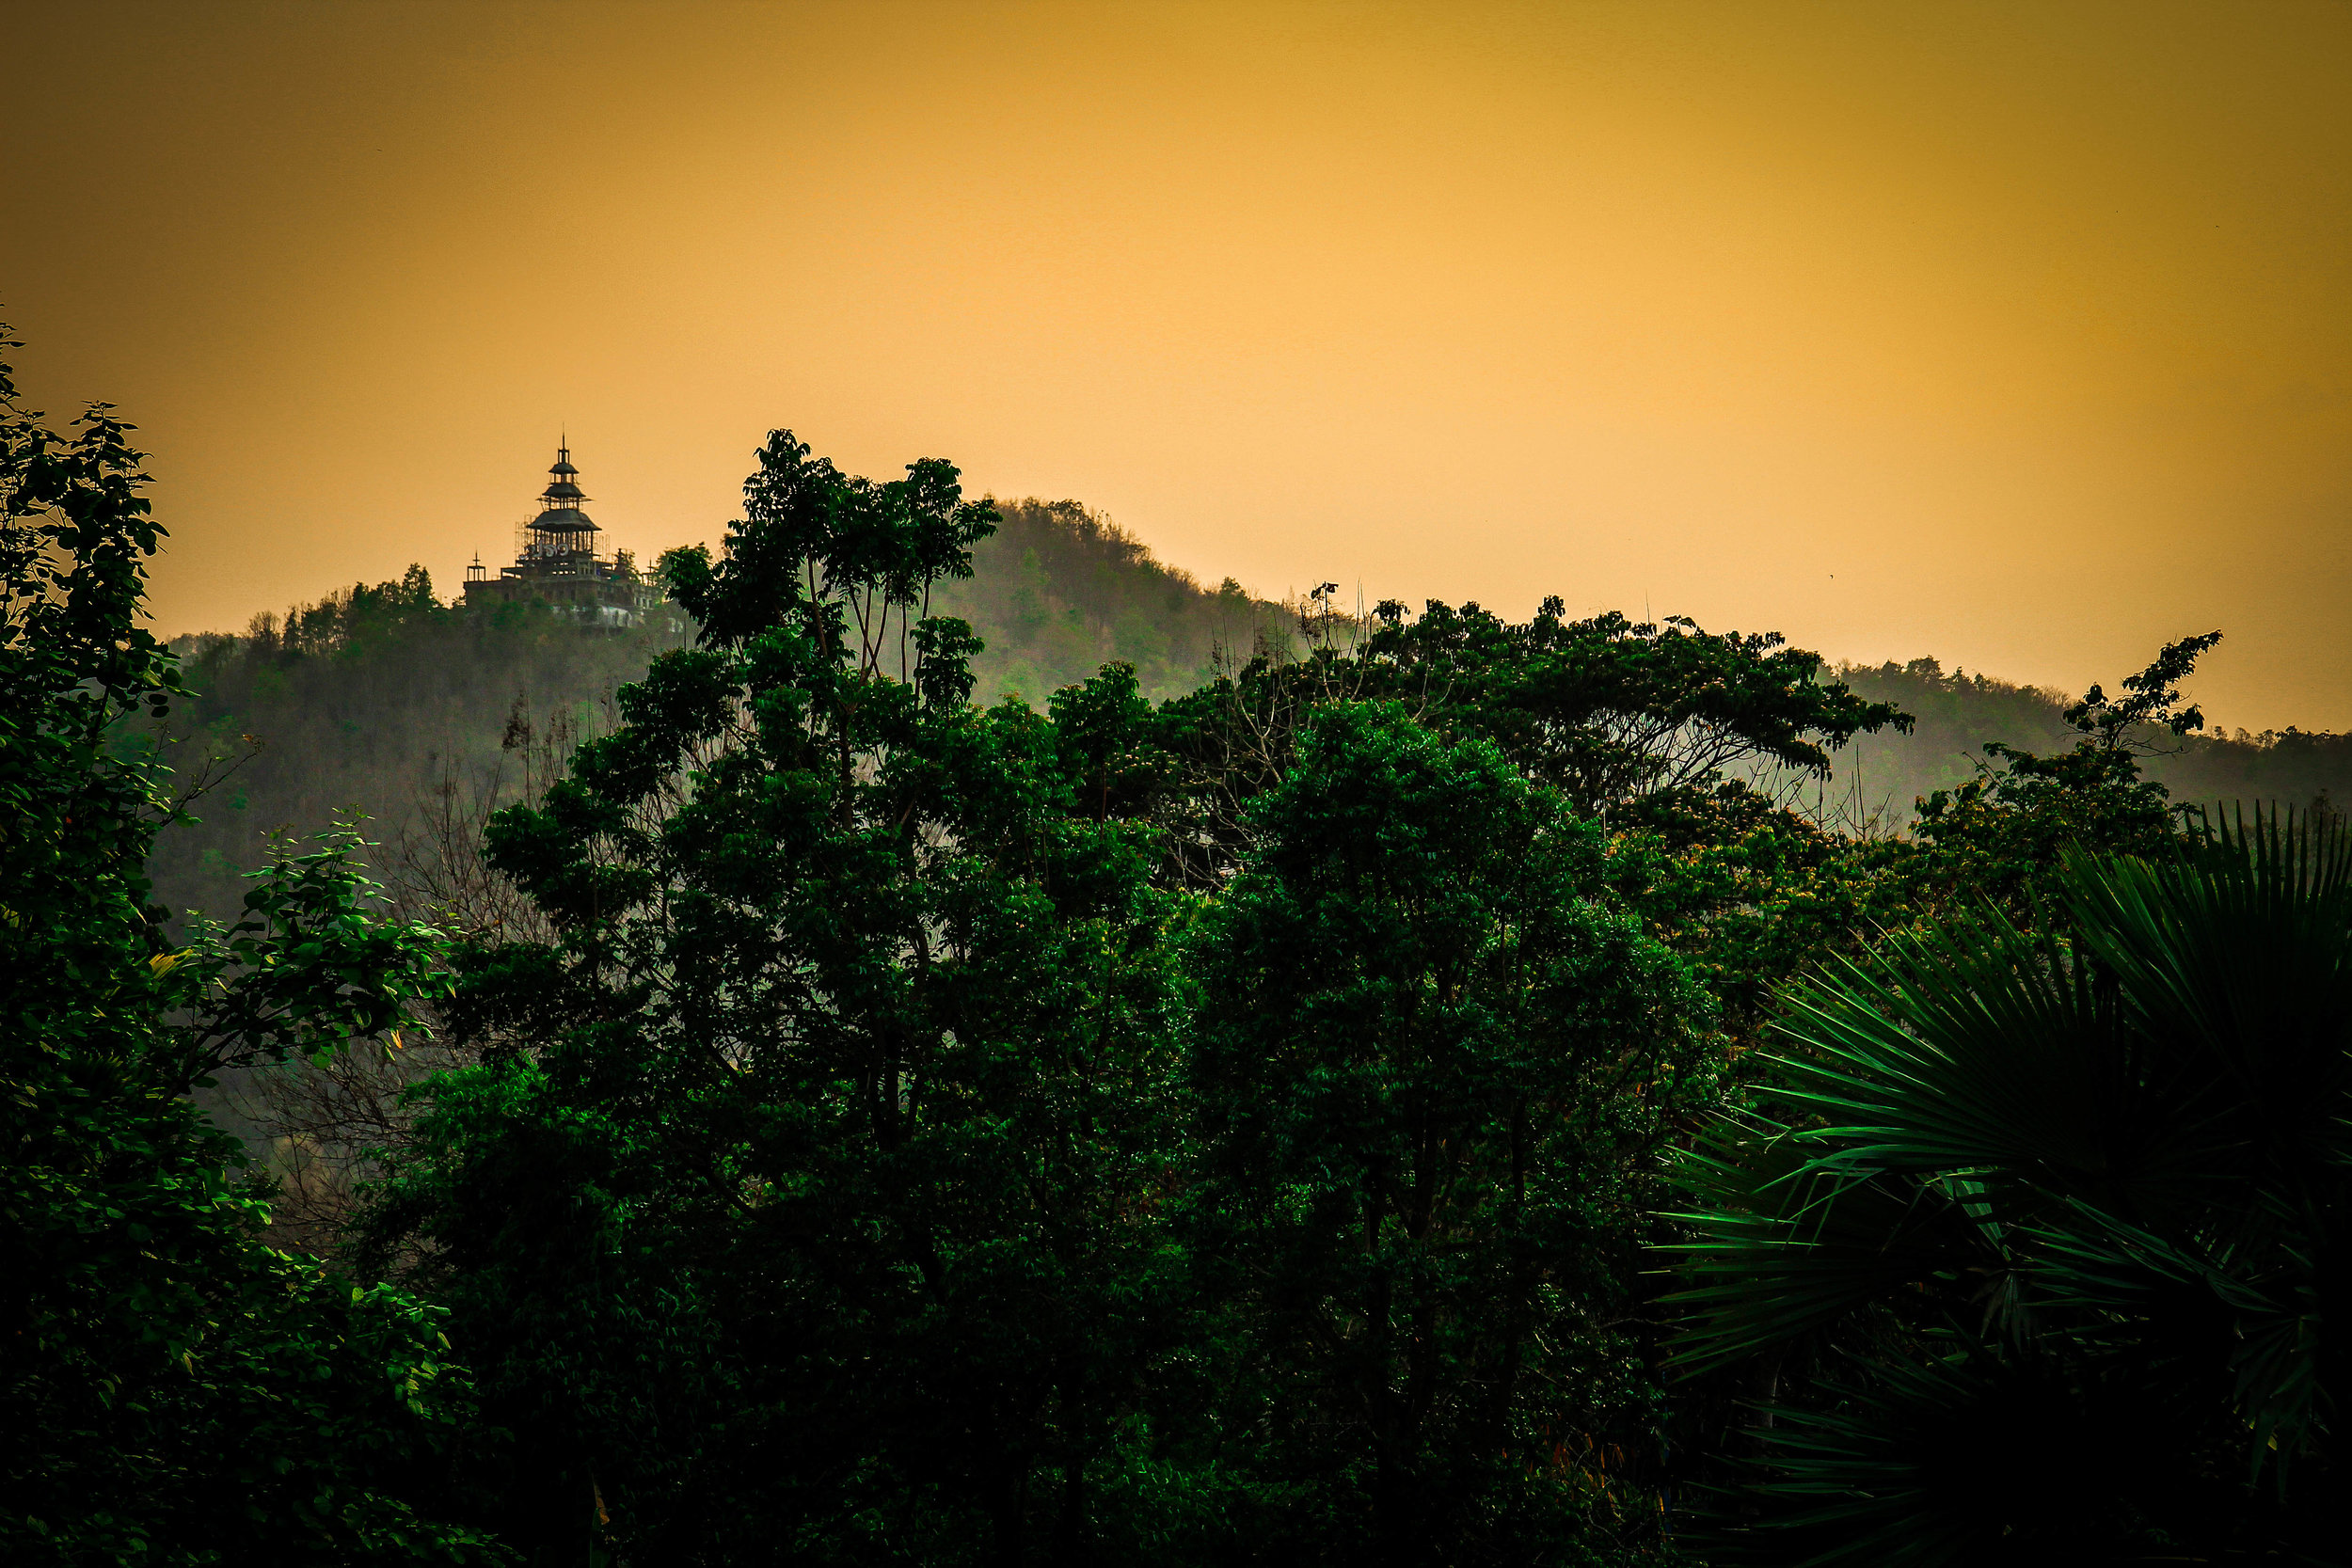 Thailand_Chiangmai_Reizen_met_kinderen_Veranda_Resort (1 van 9.jpg